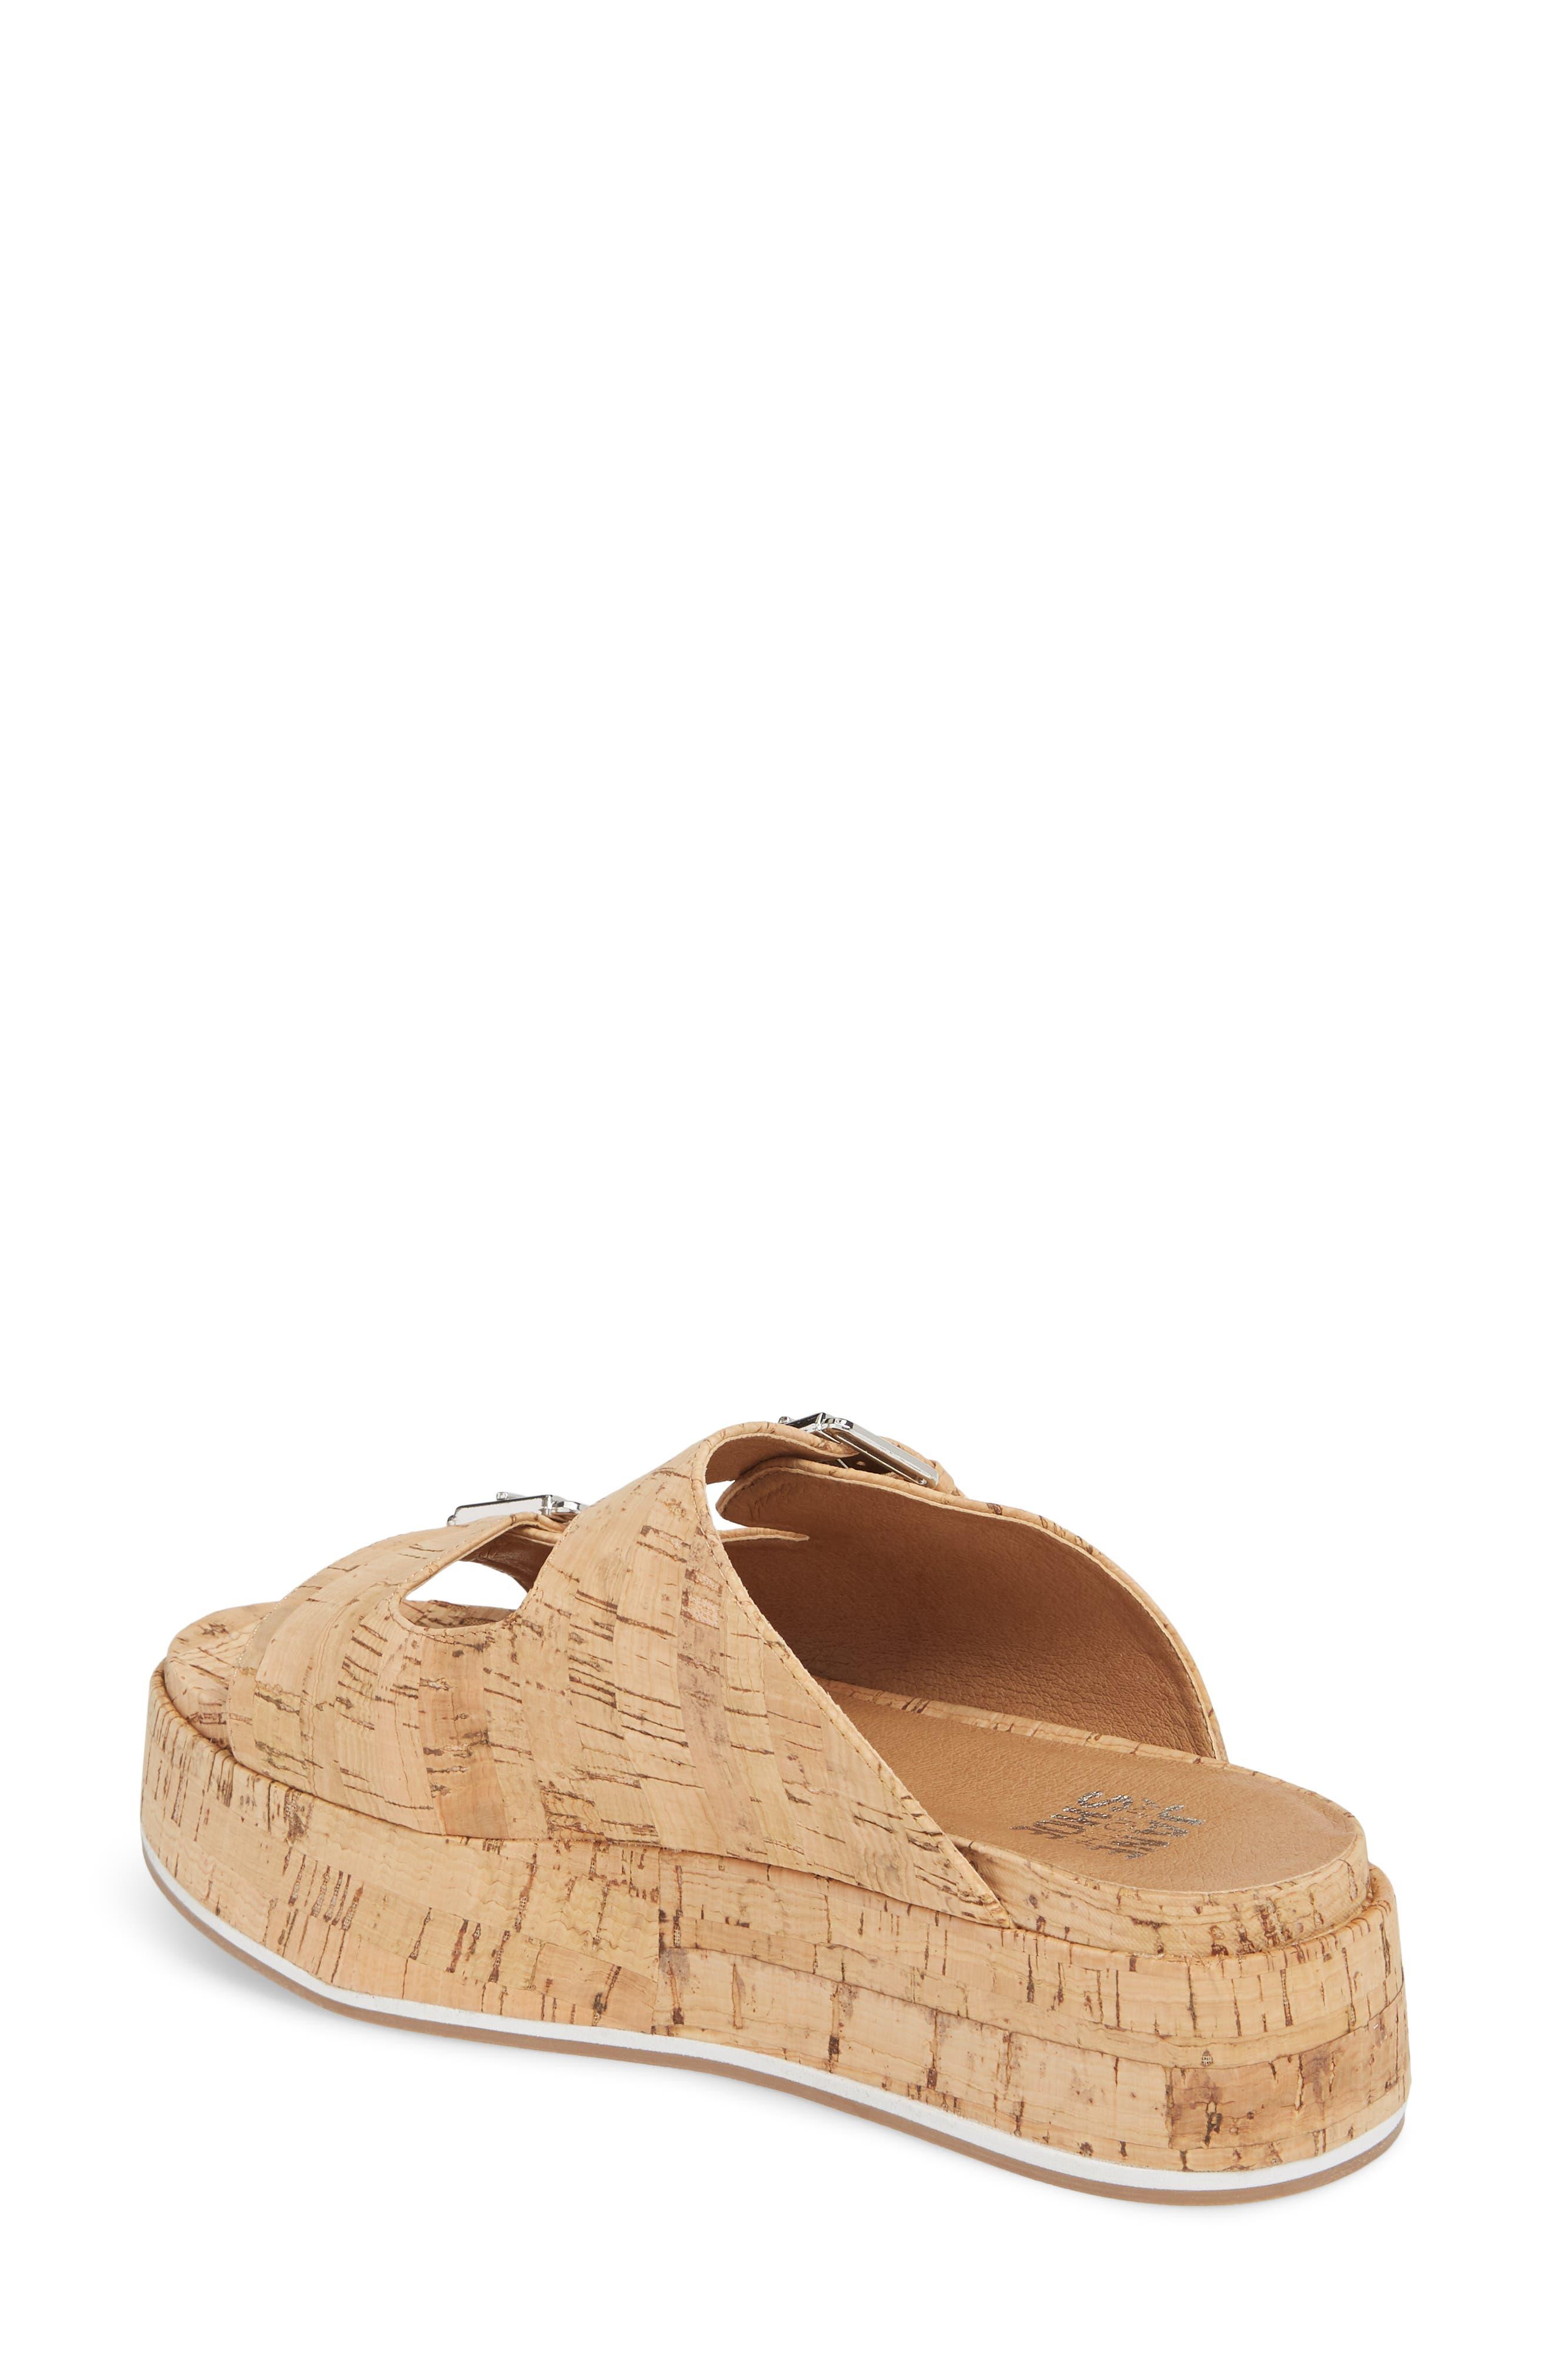 Jordan Two-Buckle Slide Sandal,                             Alternate thumbnail 2, color,                             Cork